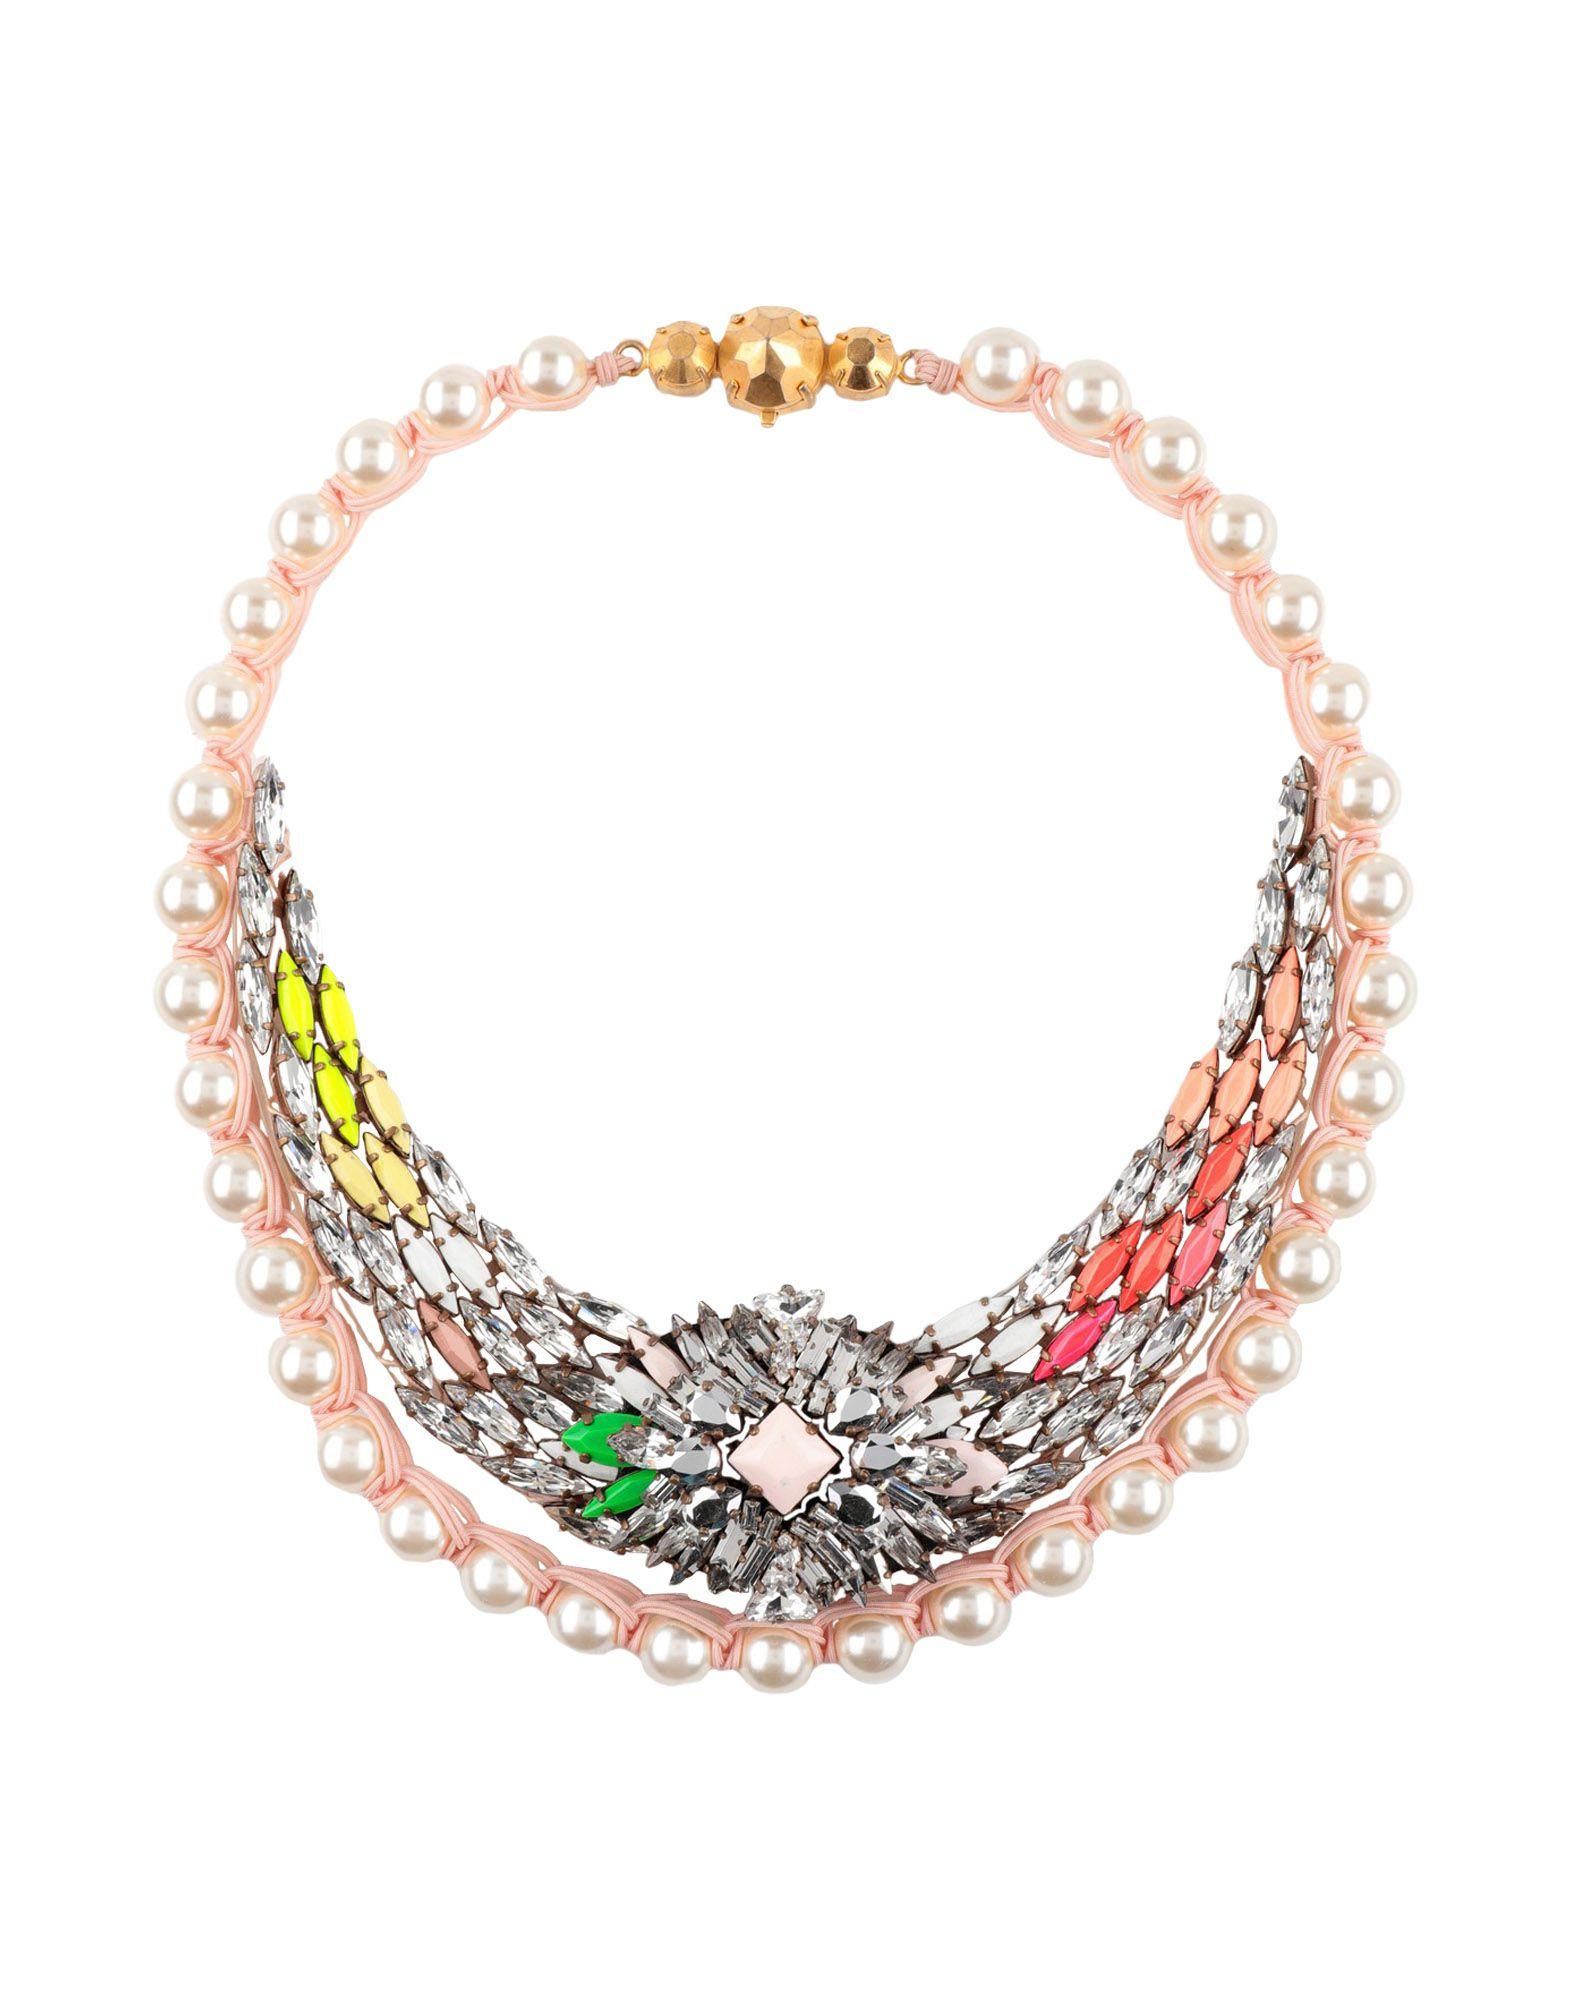 《送料無料》SHOUROUK レディース ネックレス ライトピンク プラスティック / 紡績繊維 / 金属